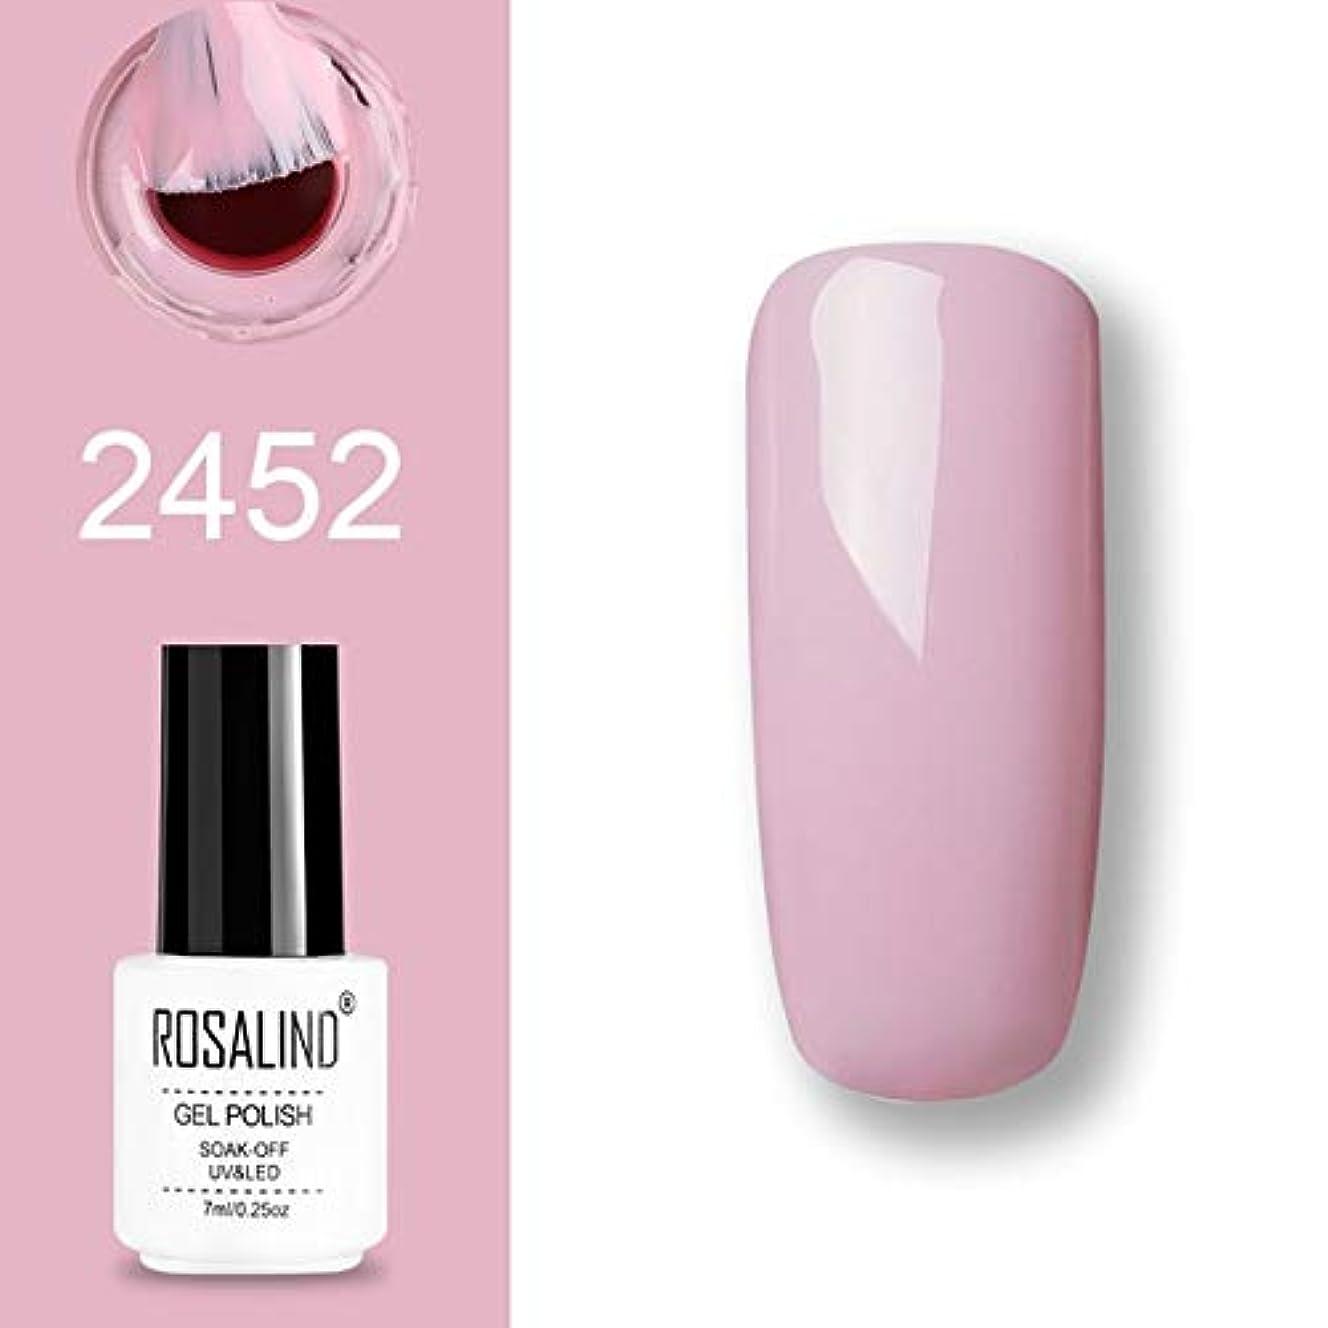 尊敬夜活力ファッションアイテム ROSALINDジェルポリッシュセットUVセミパーマネントプライマートップコートポリジェルニスネイルアートマニキュアジェル、容量:7ml 2452。 環境に優しいマニキュア